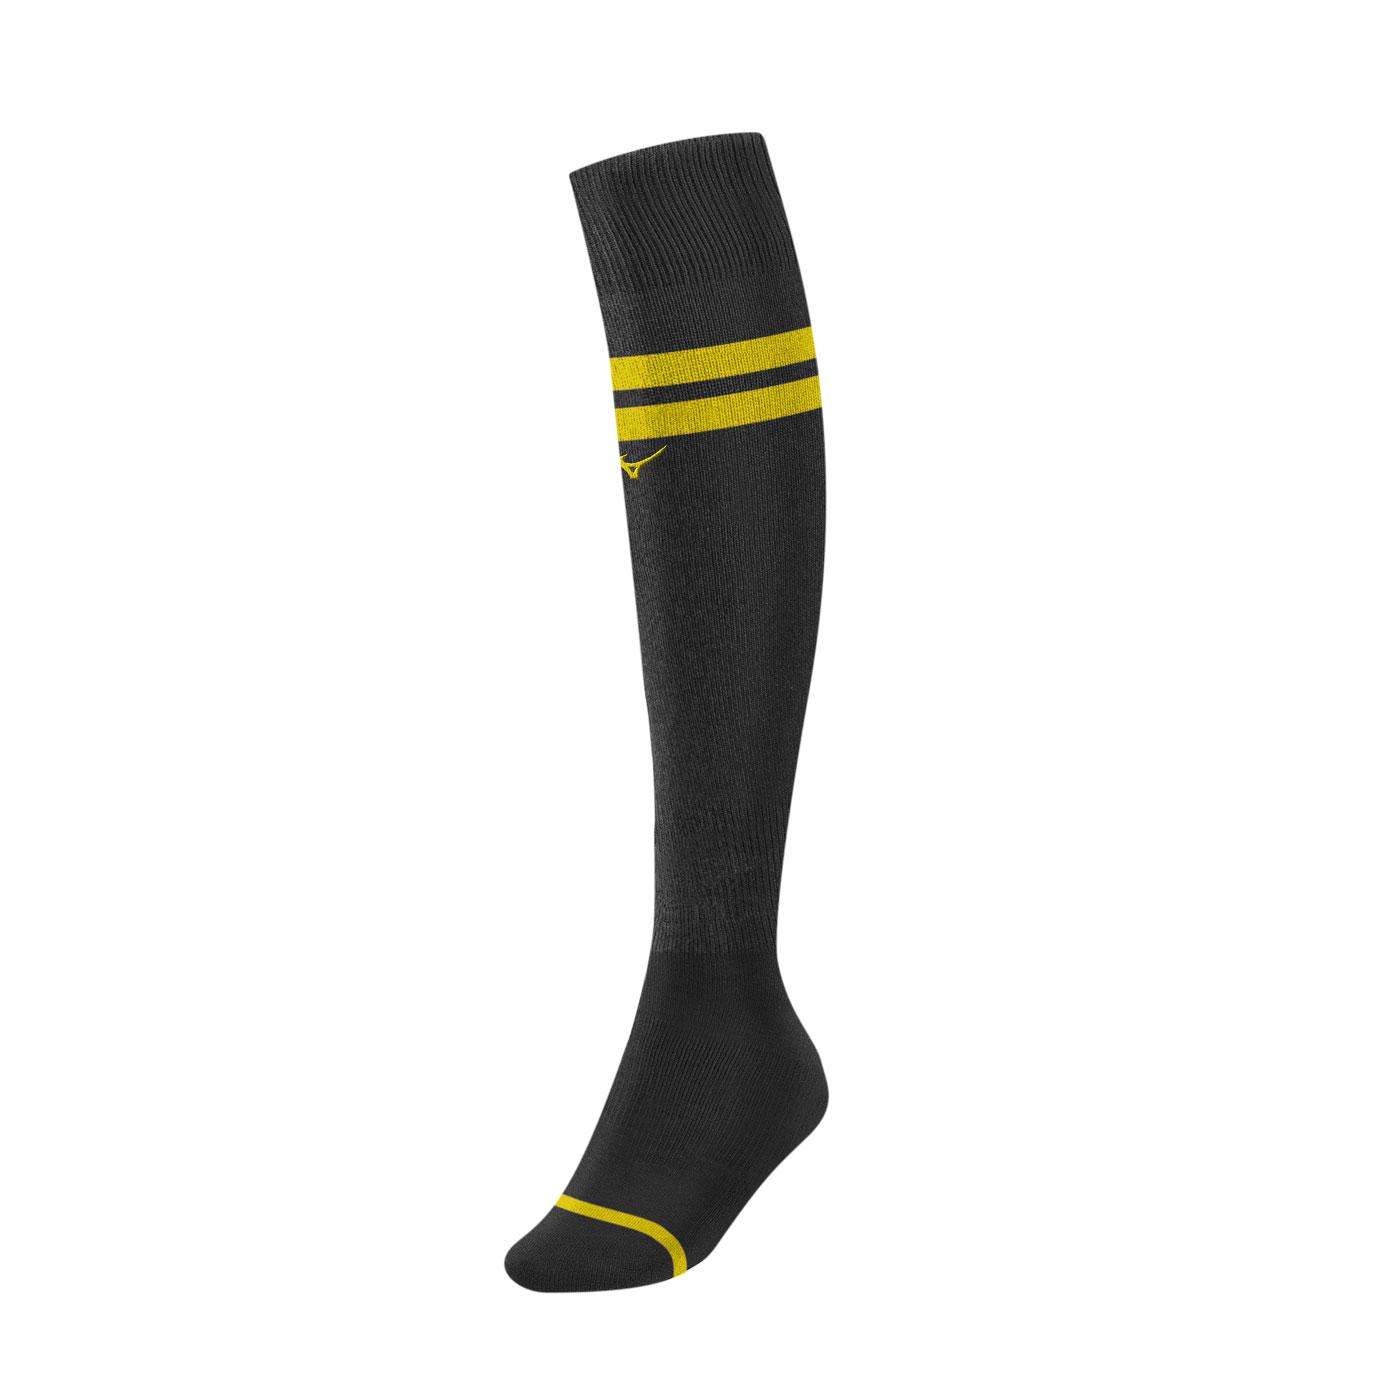 MIZUNO 少年足橄襪 P2TX8A0291 - 黑黃